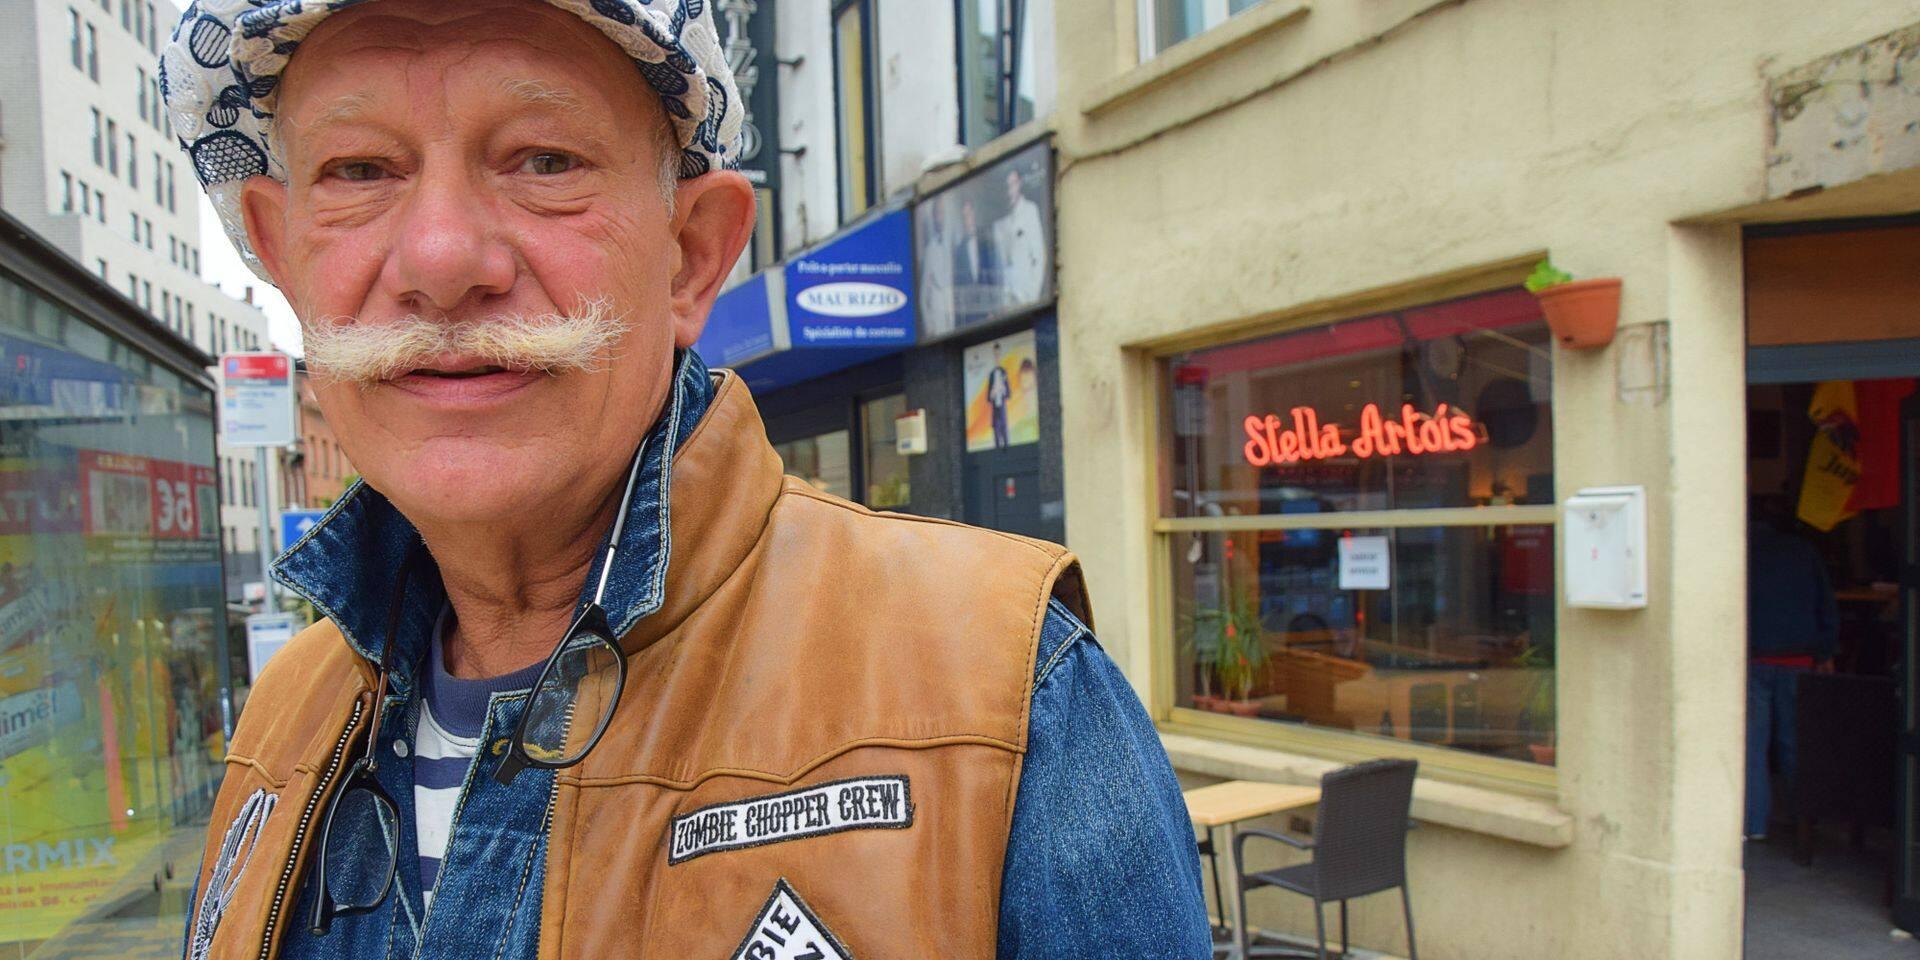 Ce vendredi, le Mirano rouvre avec le CST en VIP : Nanard, LE barman historique de la célèbre discothèque, nous raconte ses souvenirs